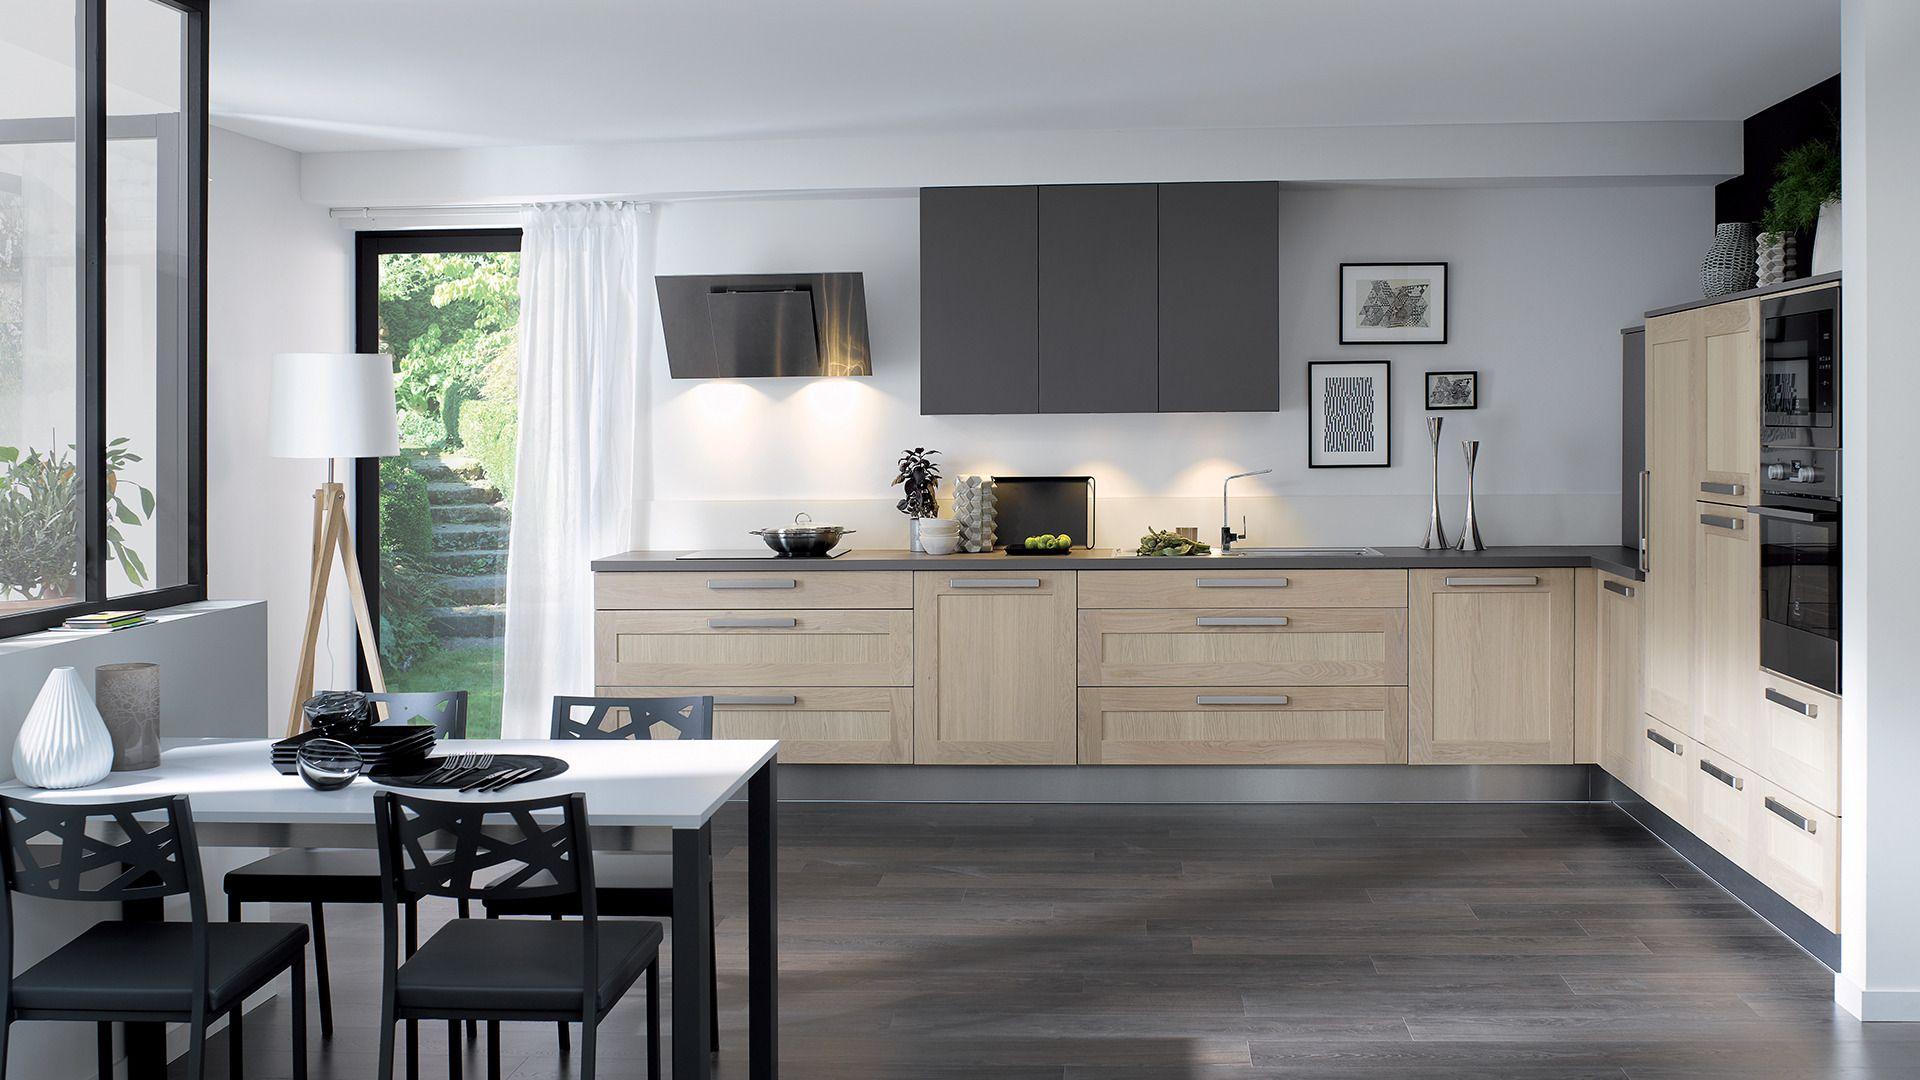 Cuisine Equipee Wooden Style Authentique Bois Pour Les